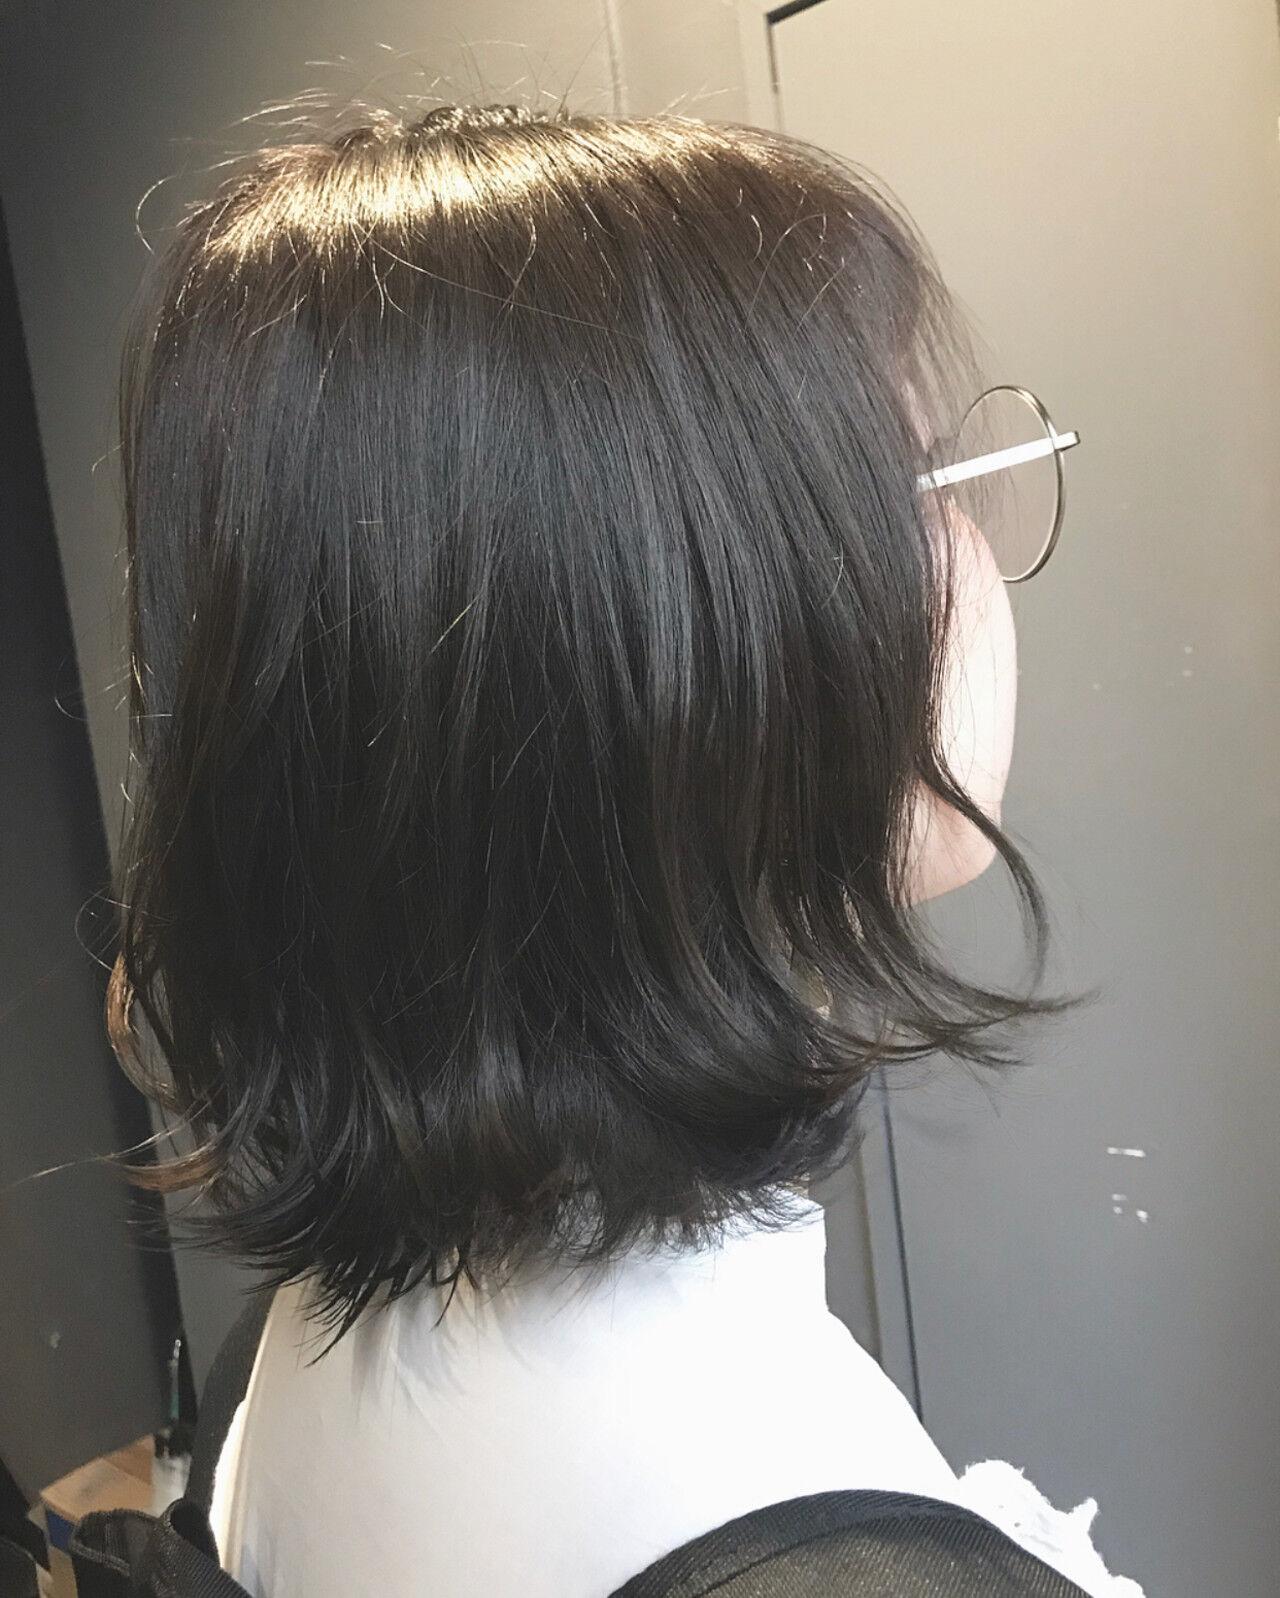 インナーカラーシルバー ボブ ナチュラル oggiottoヘアスタイルや髪型の写真・画像